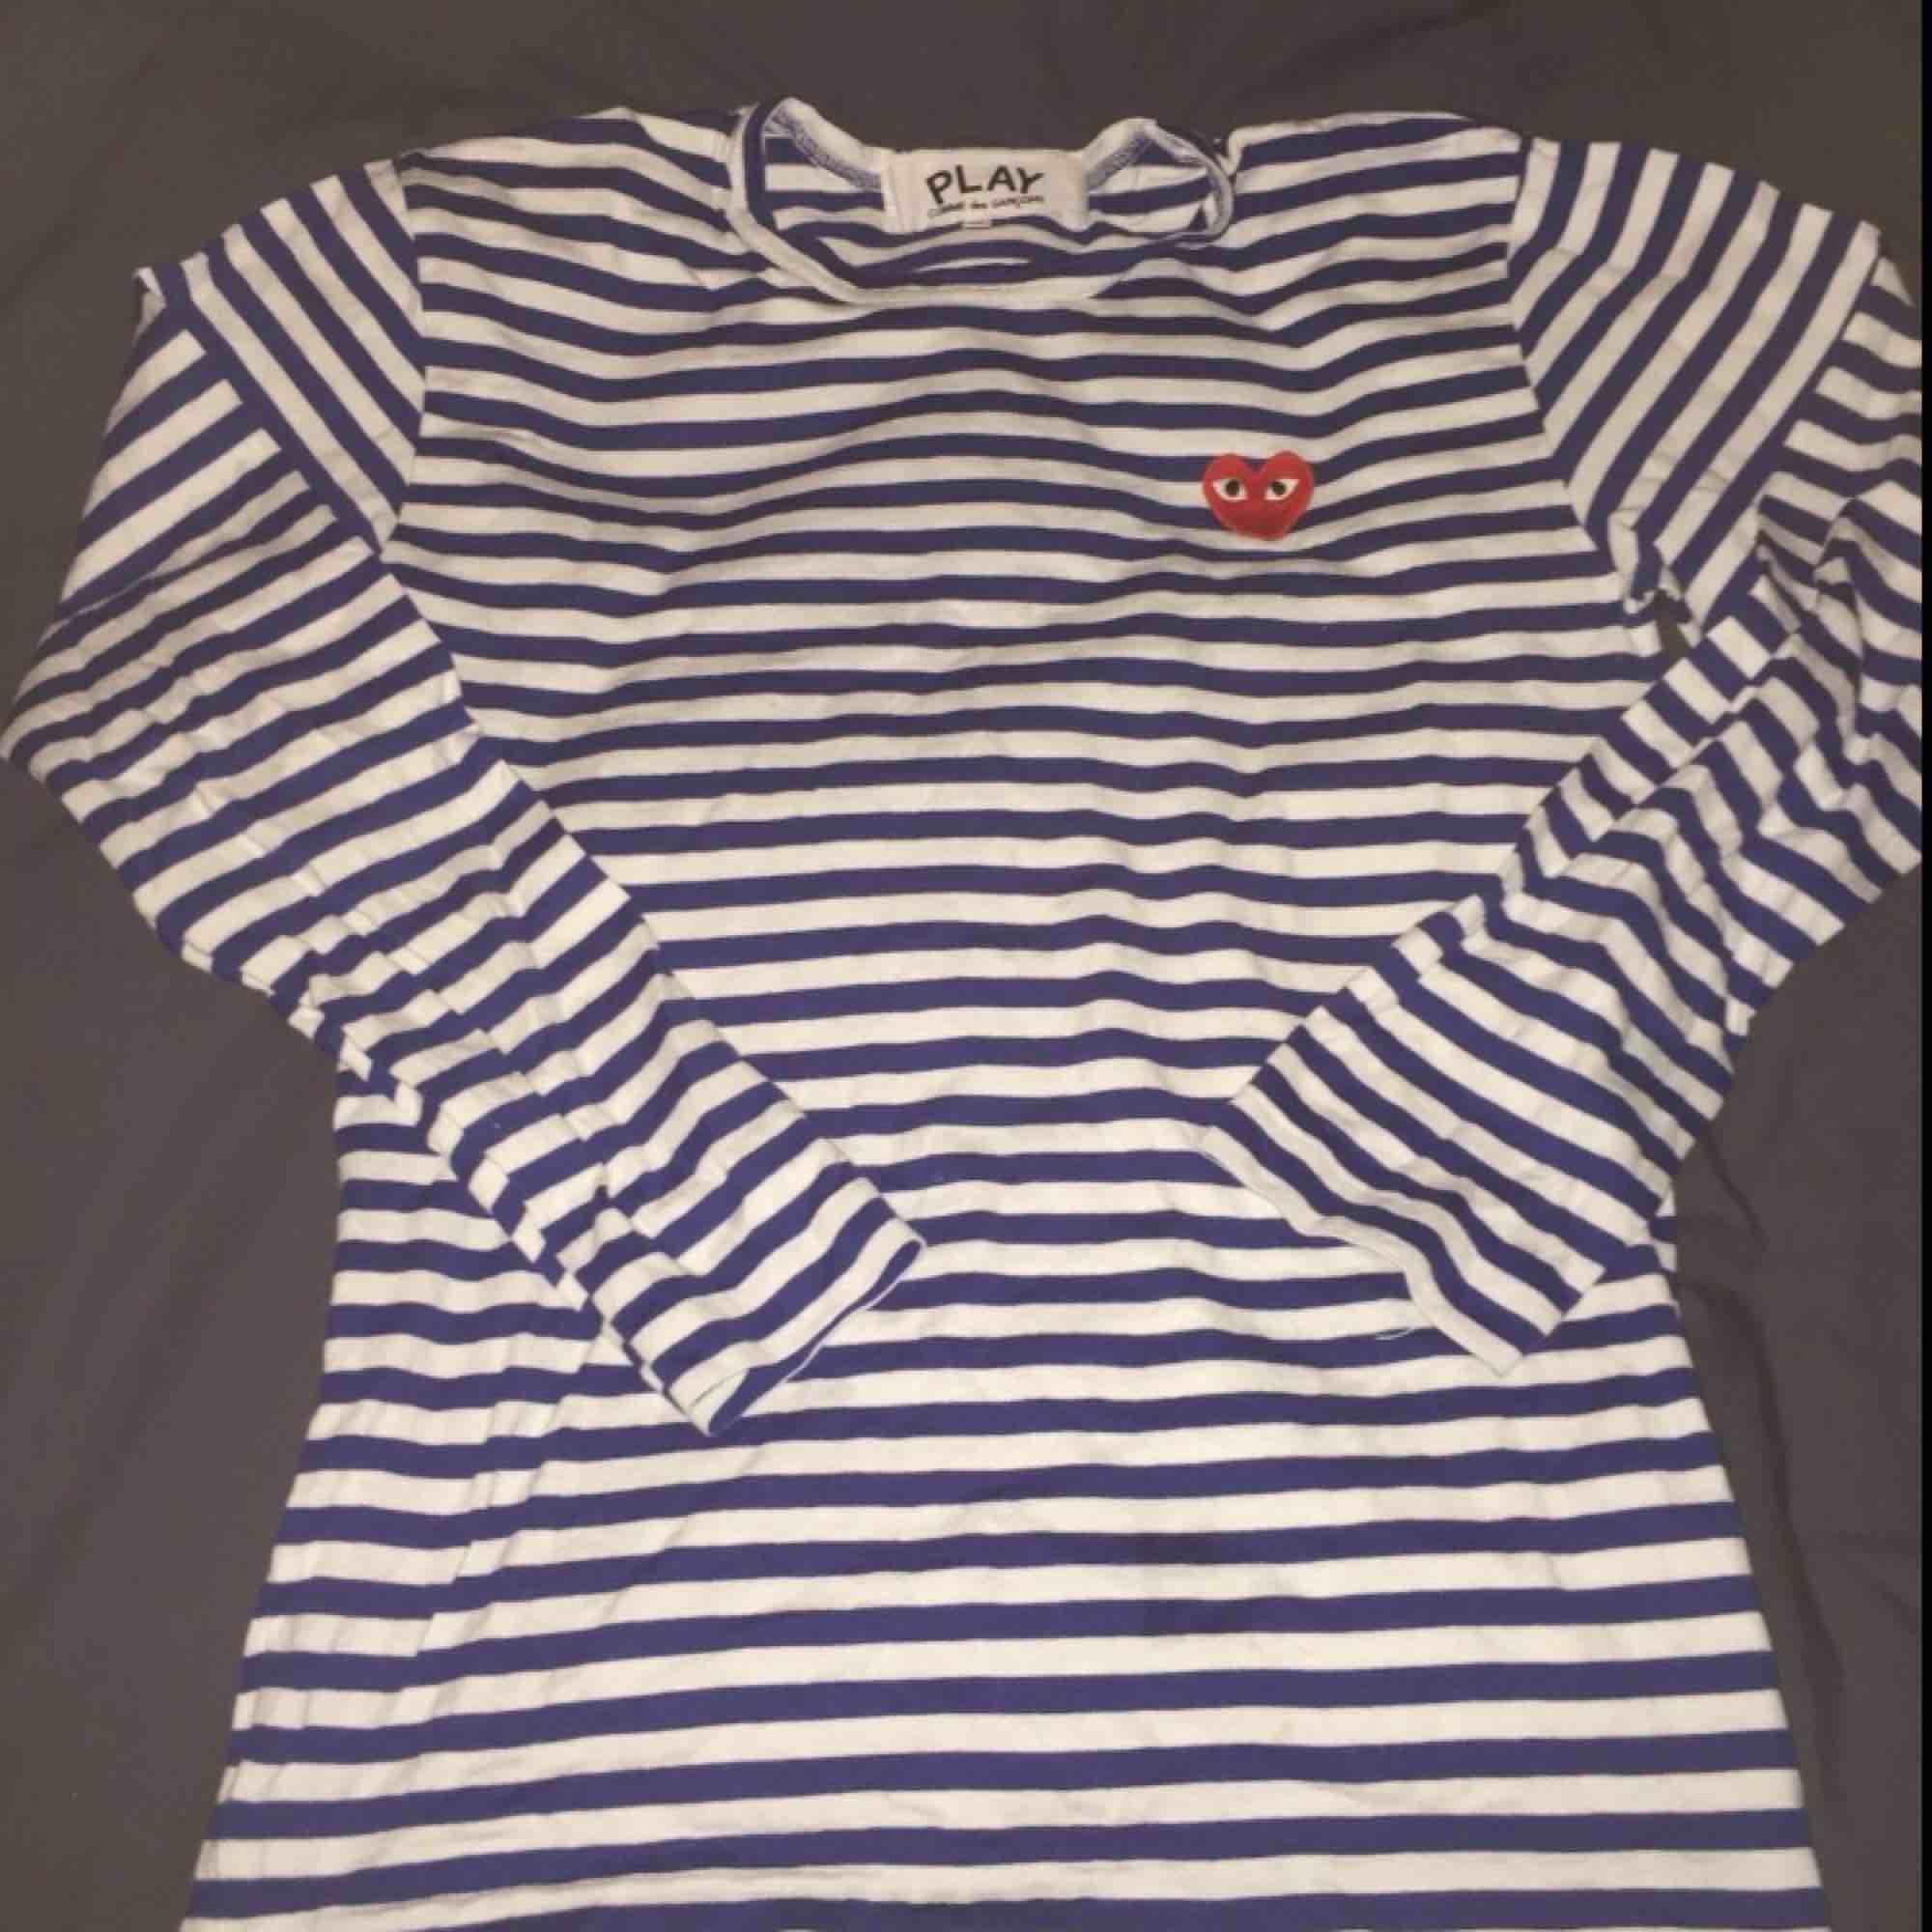 Jag säljer min Comme des garcon långärmade tröja pågrund av att den ej passar mig. Använd nån gång bara,,, bor i Göteborg ifall du kan mötas upp!. Tröjor & Koftor.